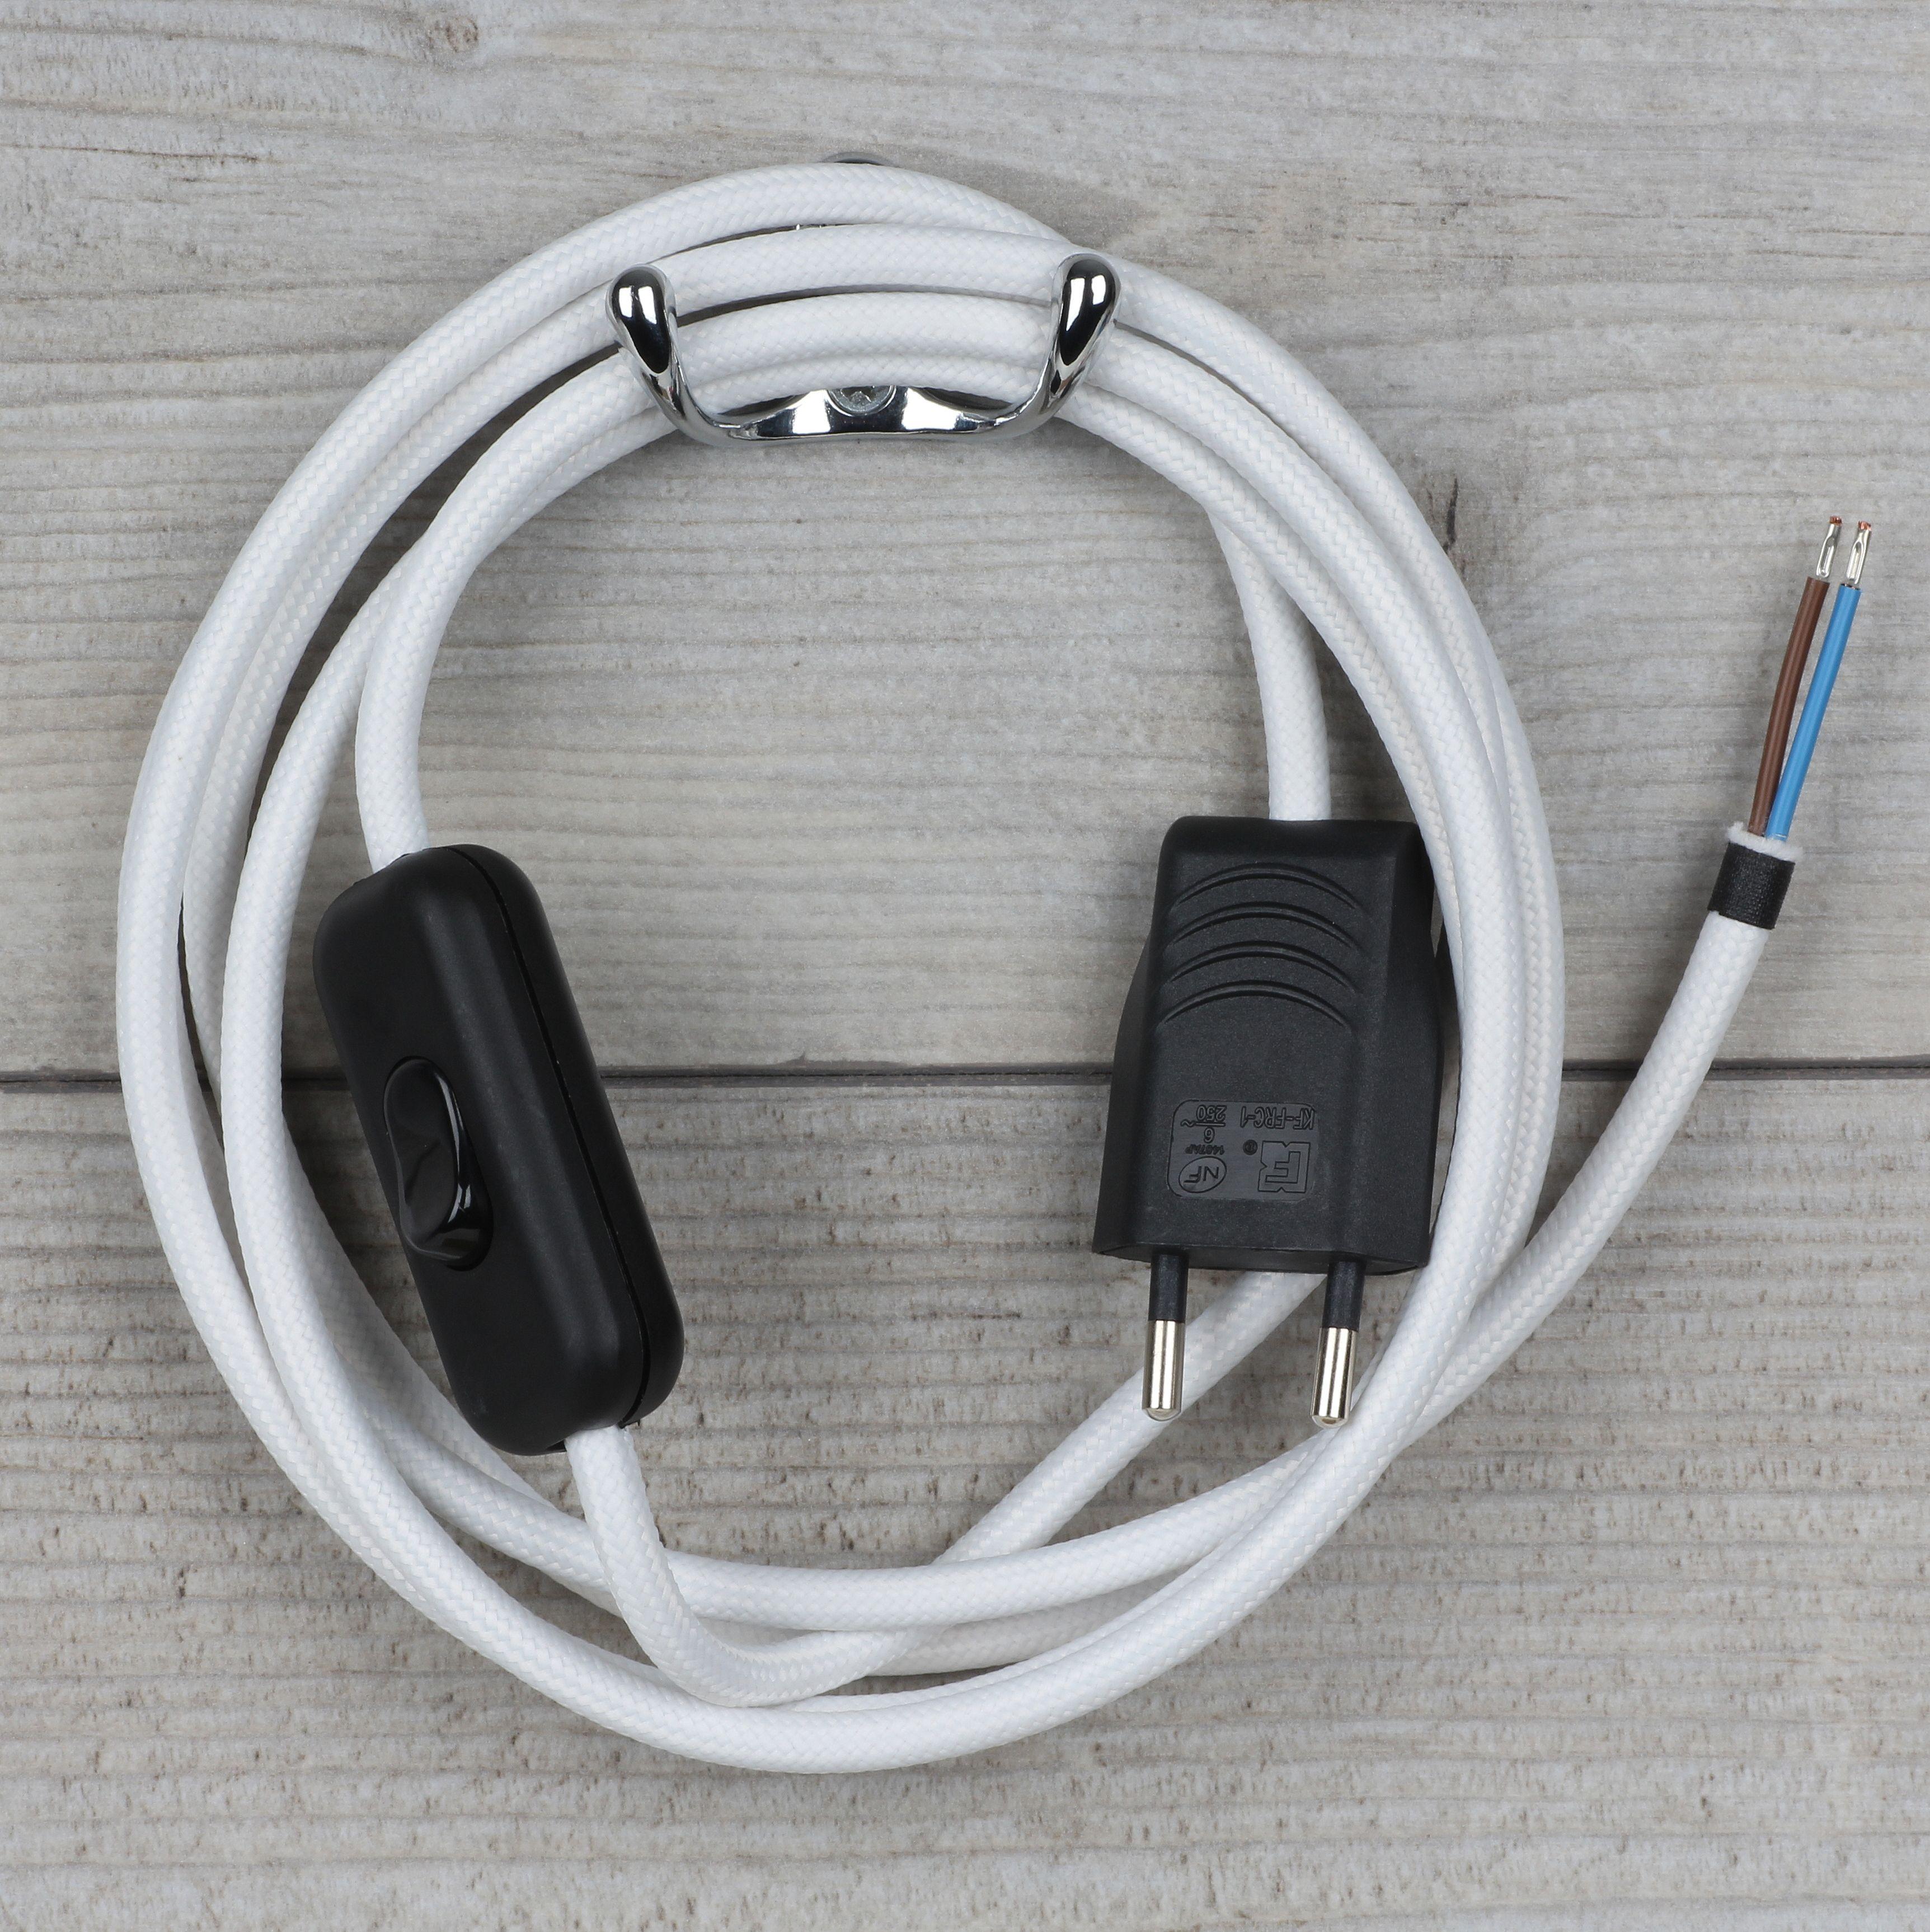 Textilkabel Anschlussleitung Weiss Mit Schalter Und Stecker 21 40 Textilkabel Kabel Stecker